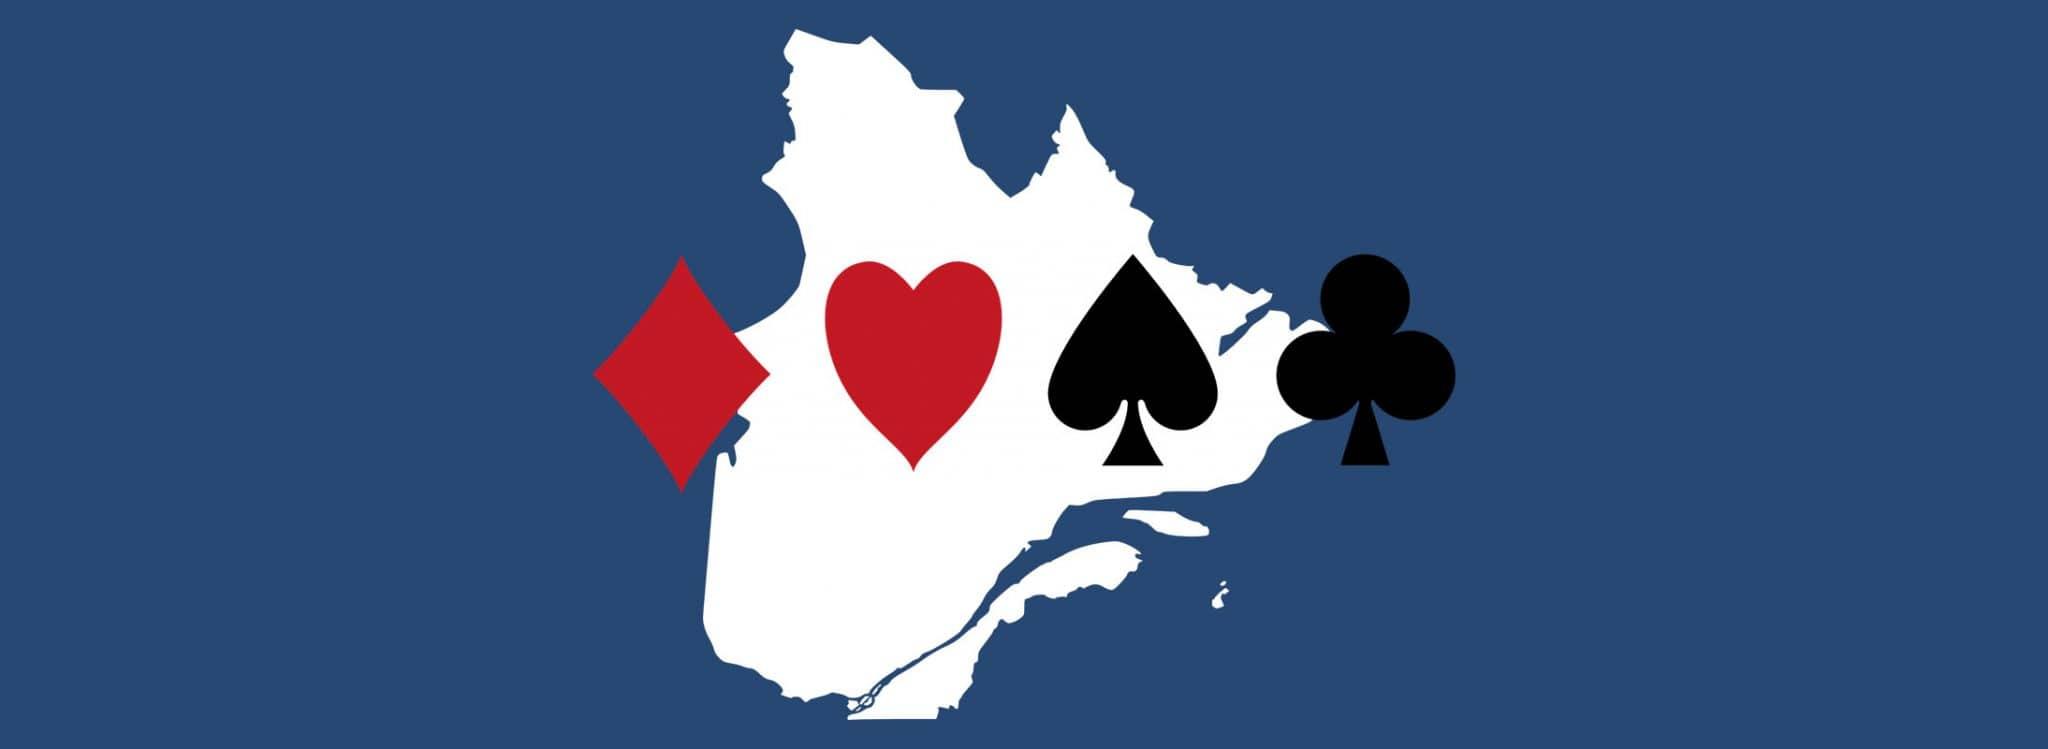 Québec State's Online Casino Loto-Québec Shows Huge Growth element02 - CasinoTop